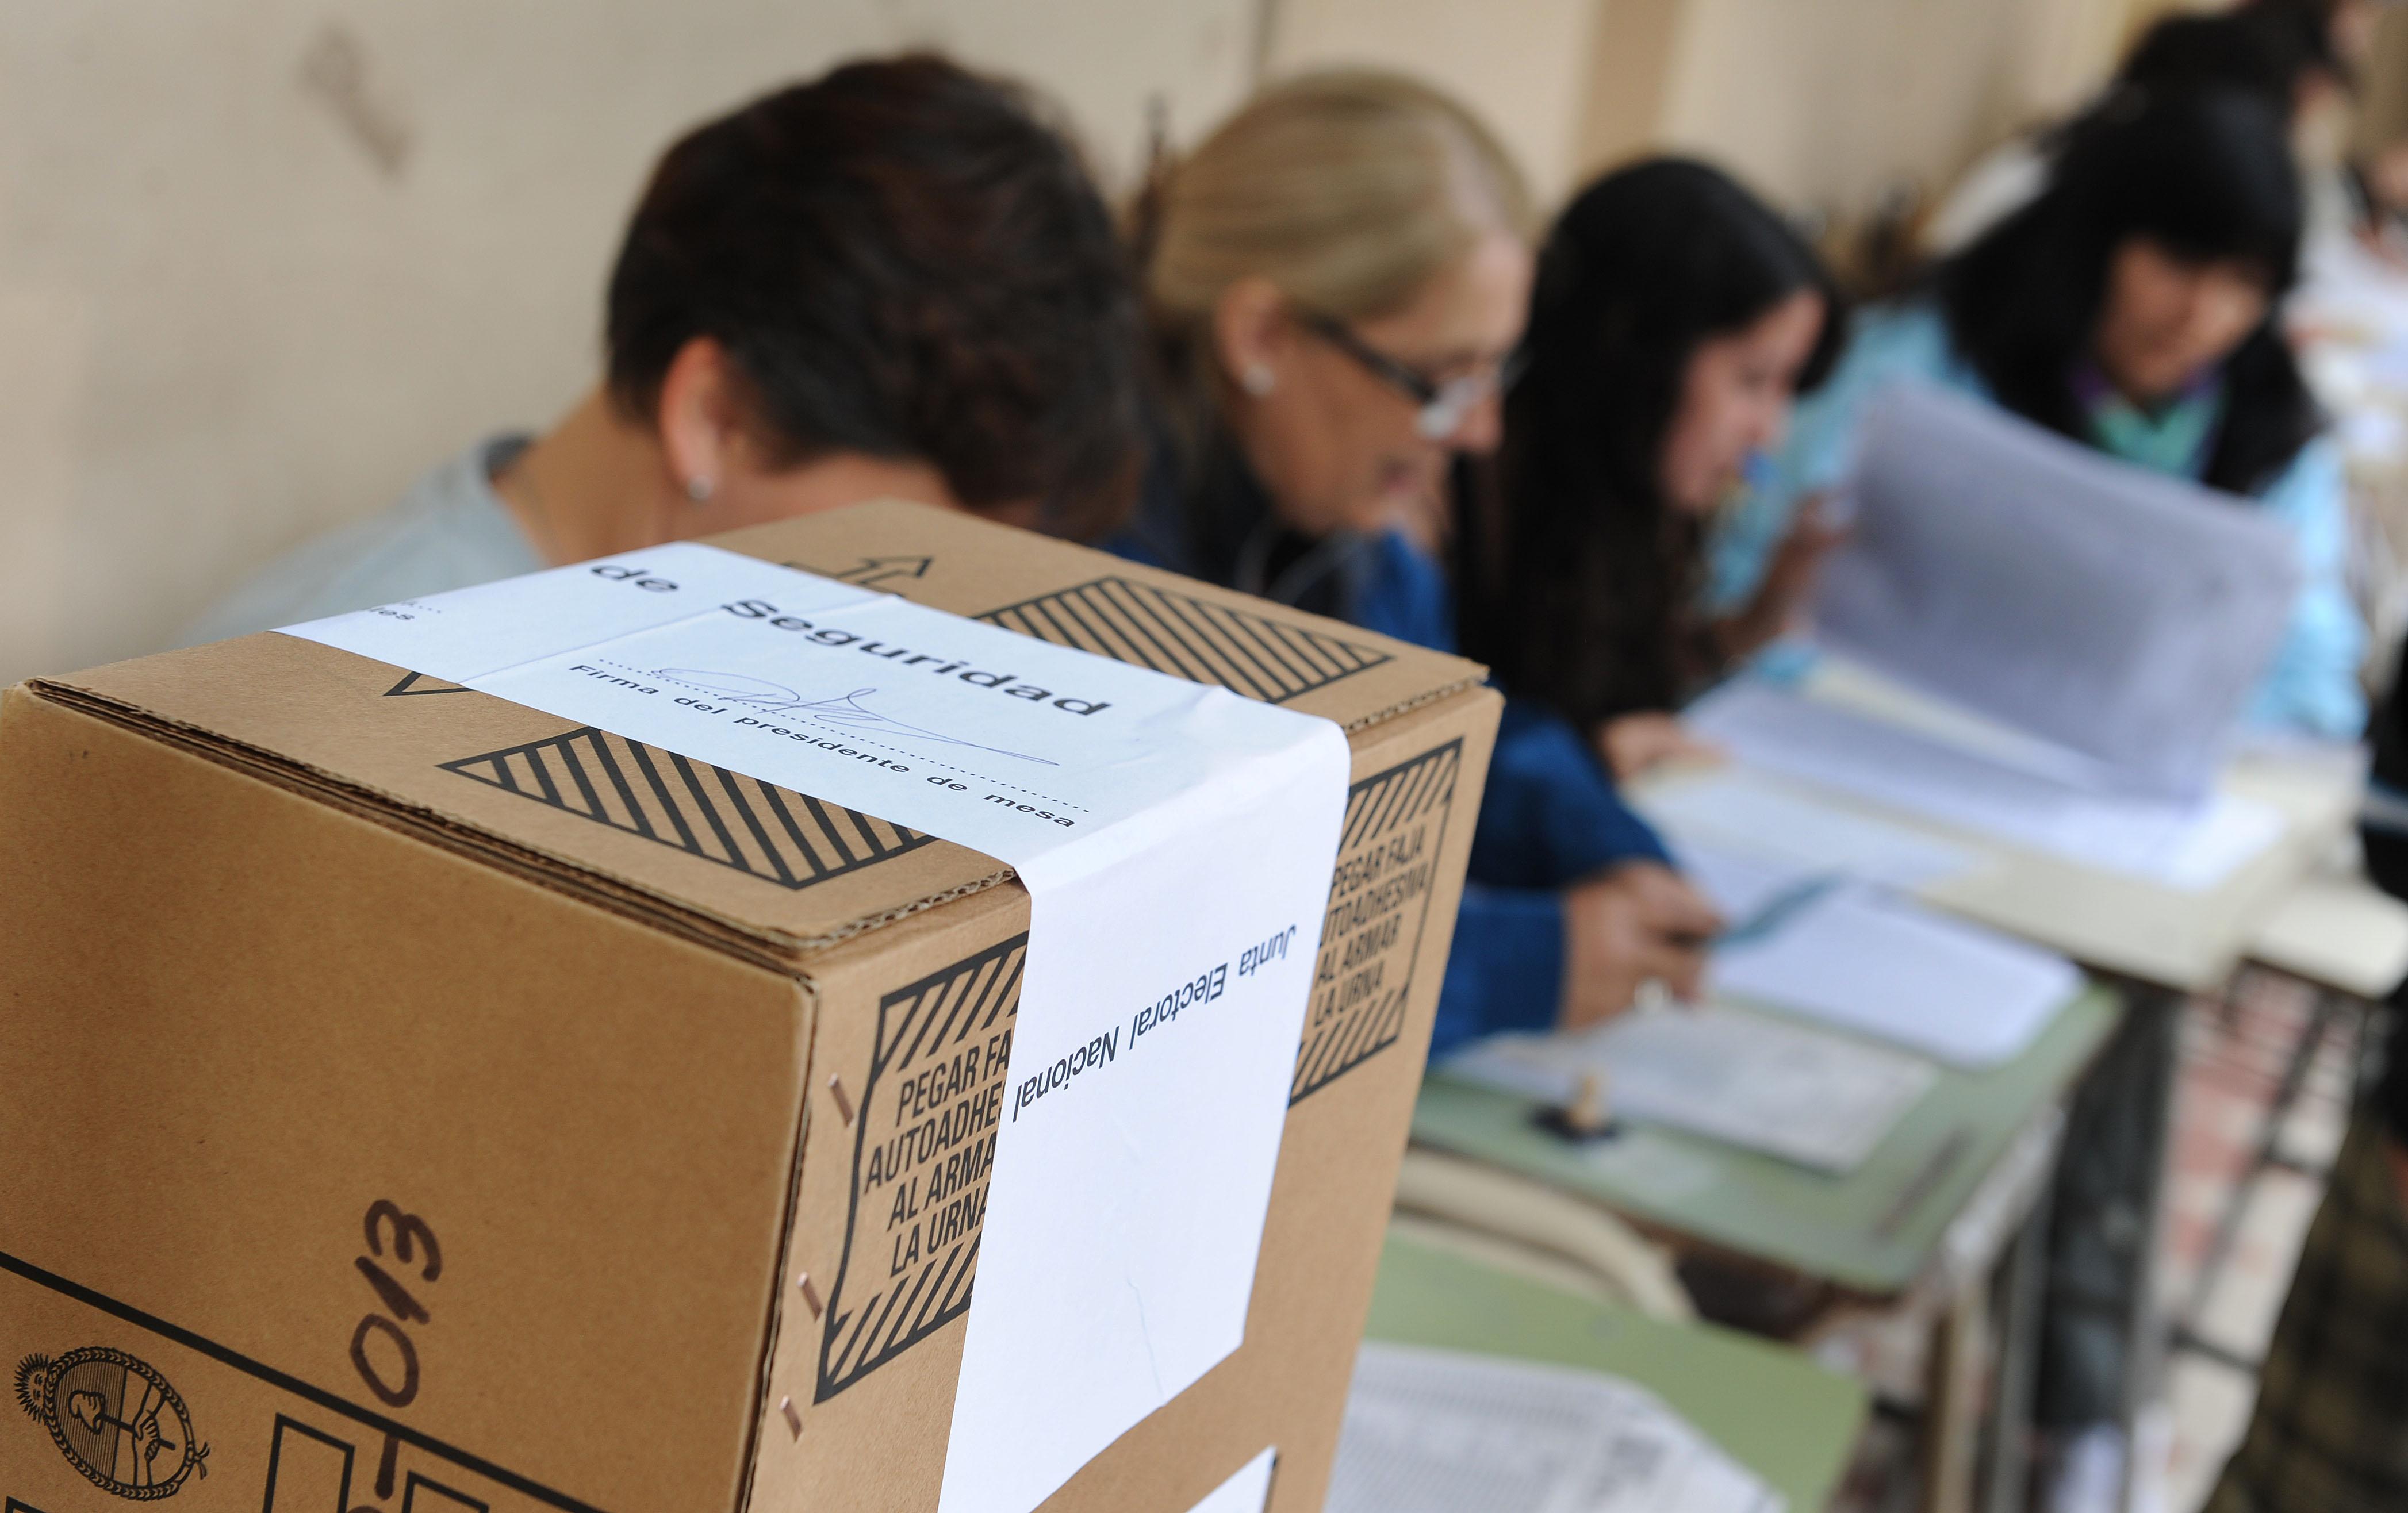 La experiencia de administrar una mesa en las PASO 2013. Autoridades de mesa, fiscales y boletas